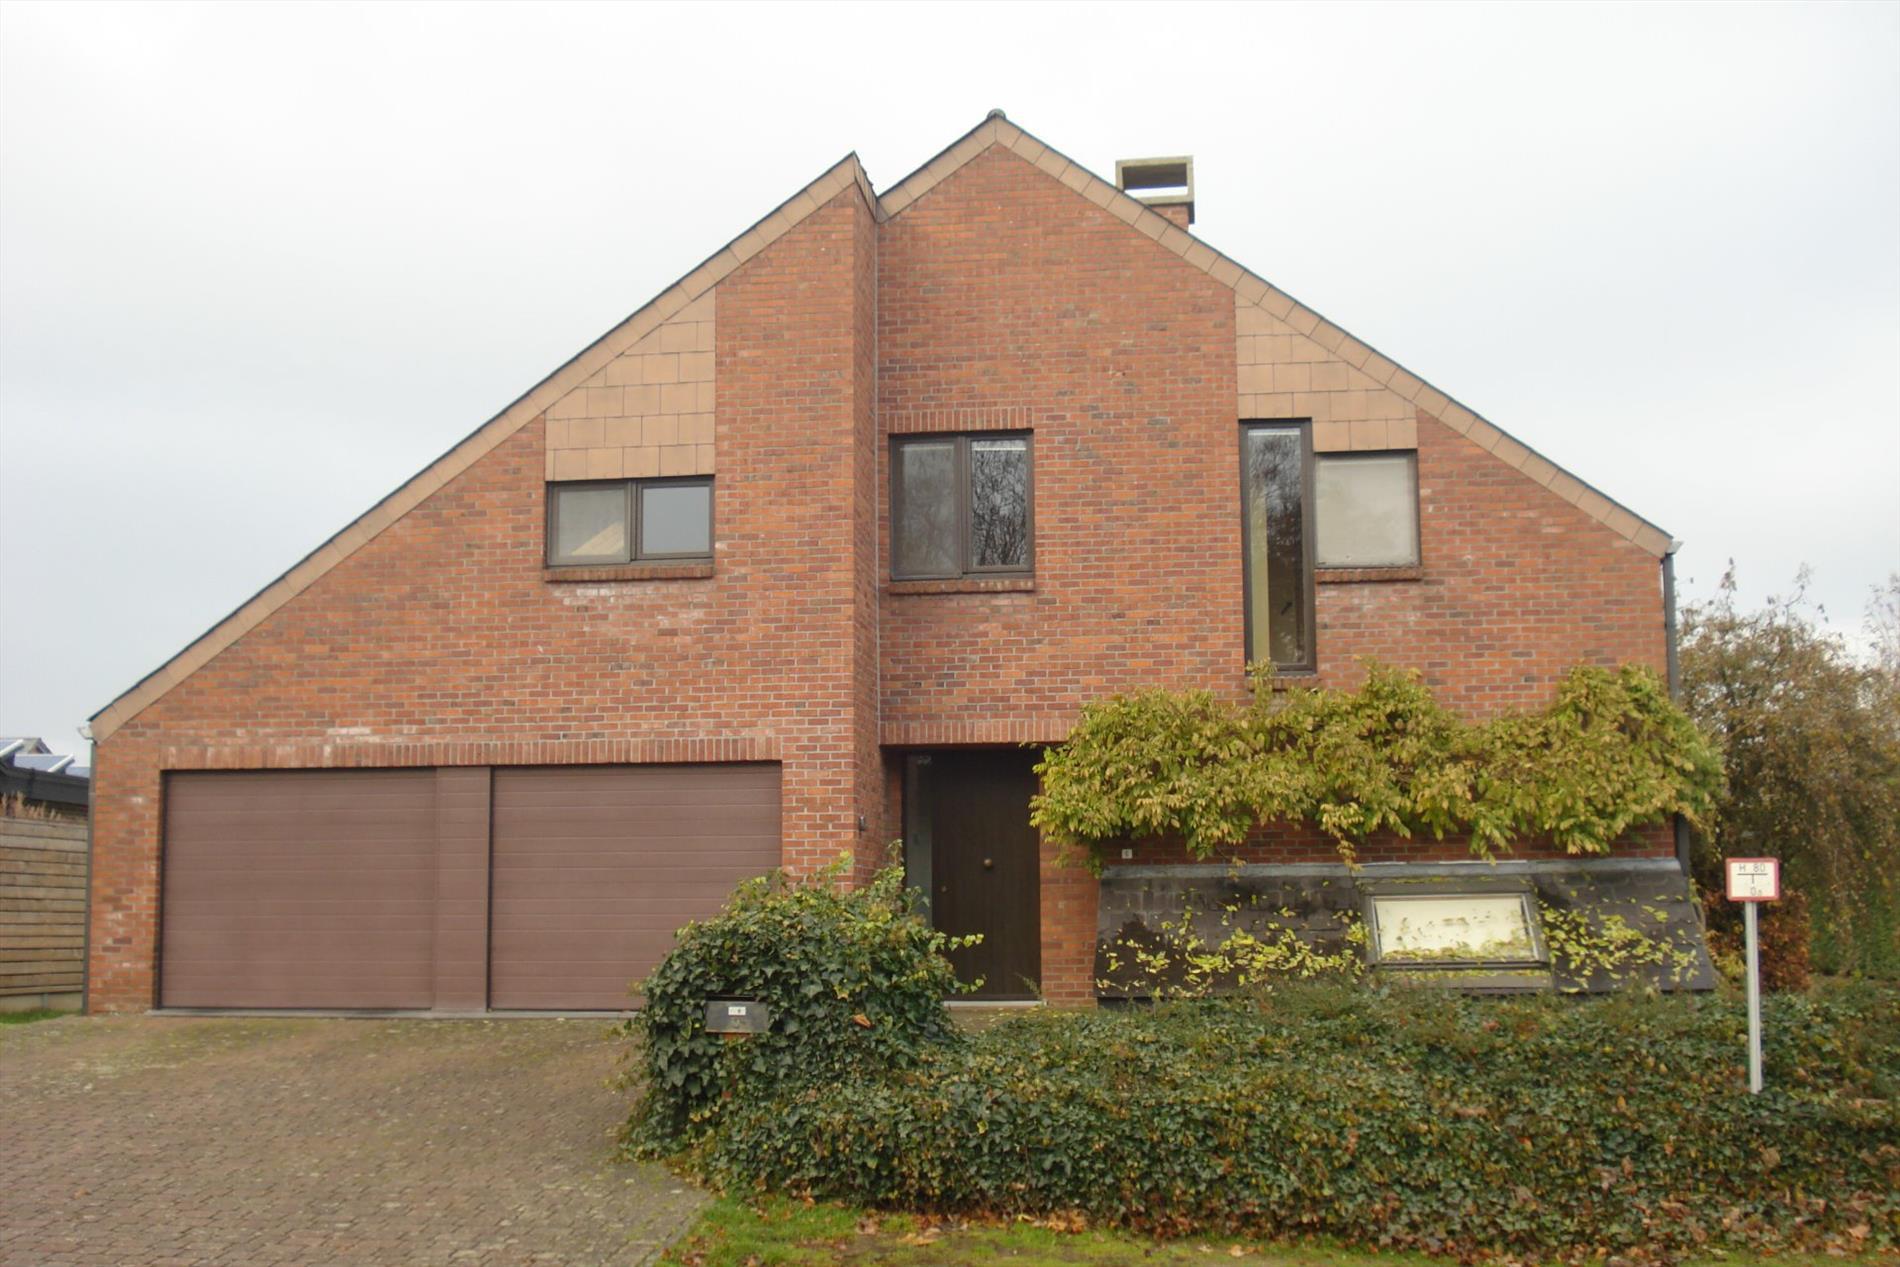 Nicolaistraat 6 Heusden-Zolder